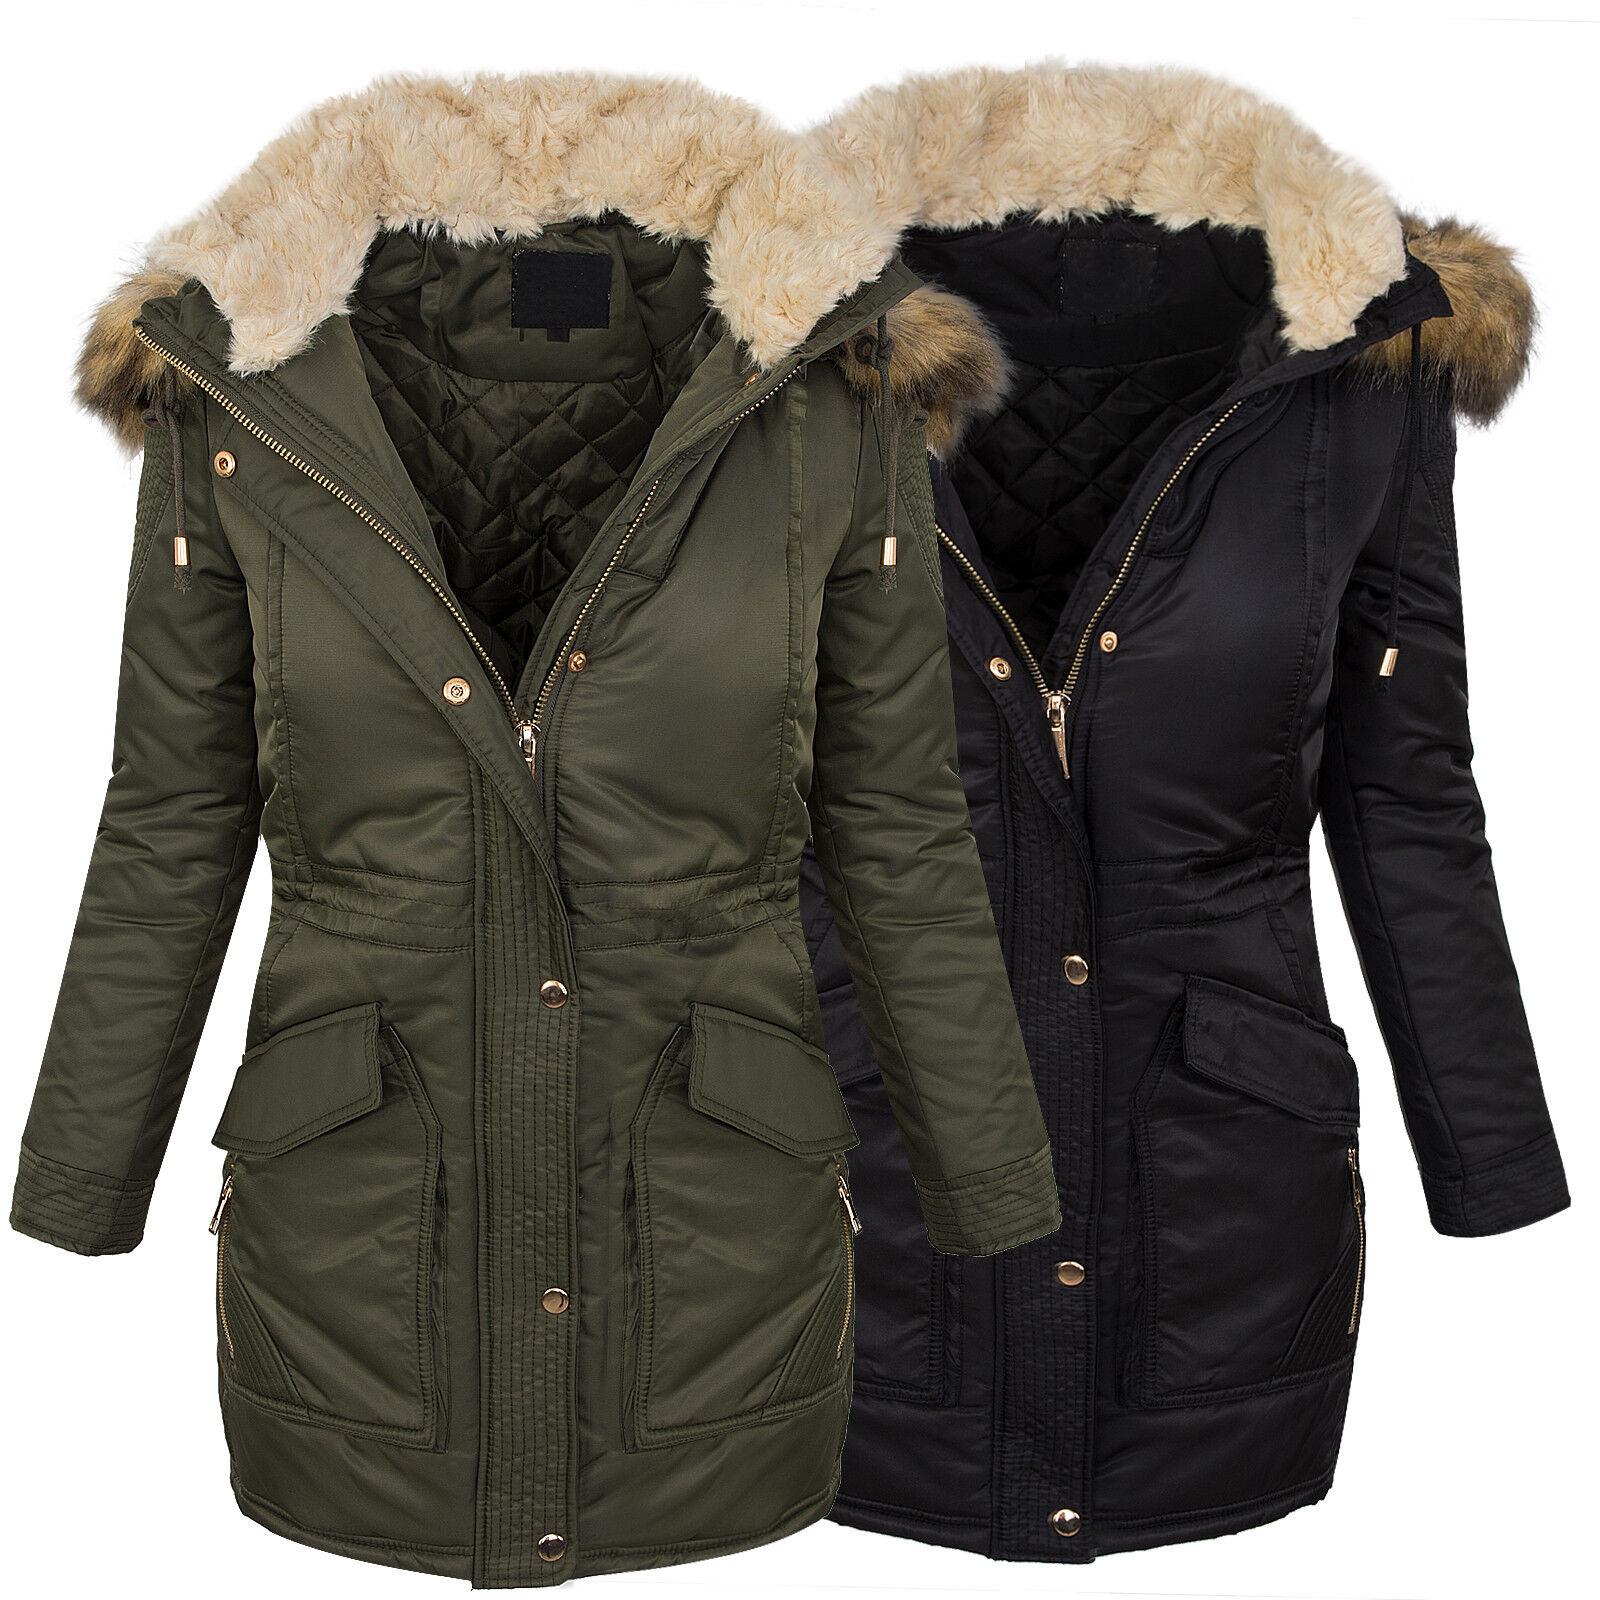 Designer femmes Winter Mantel Jacke Parka lang Winterjacke Fellkragen D-238 NEU